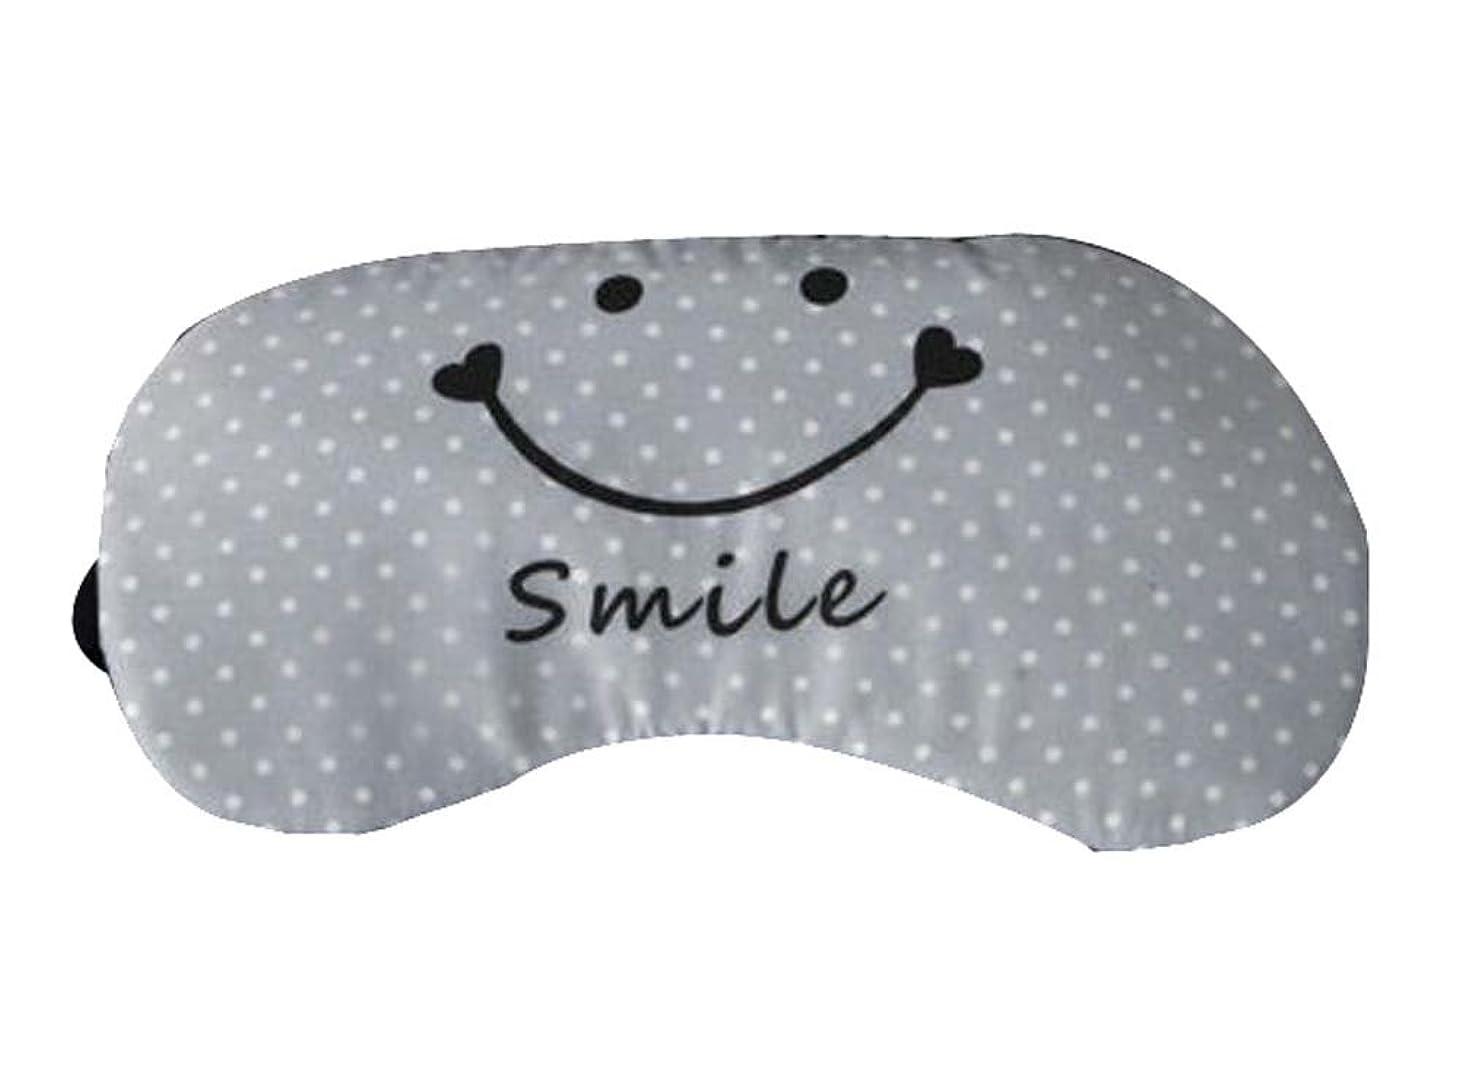 無限メイト女の子ラブリーコットンアイマスク睡眠Eyeshadeパッチ通気性軽量、グレー